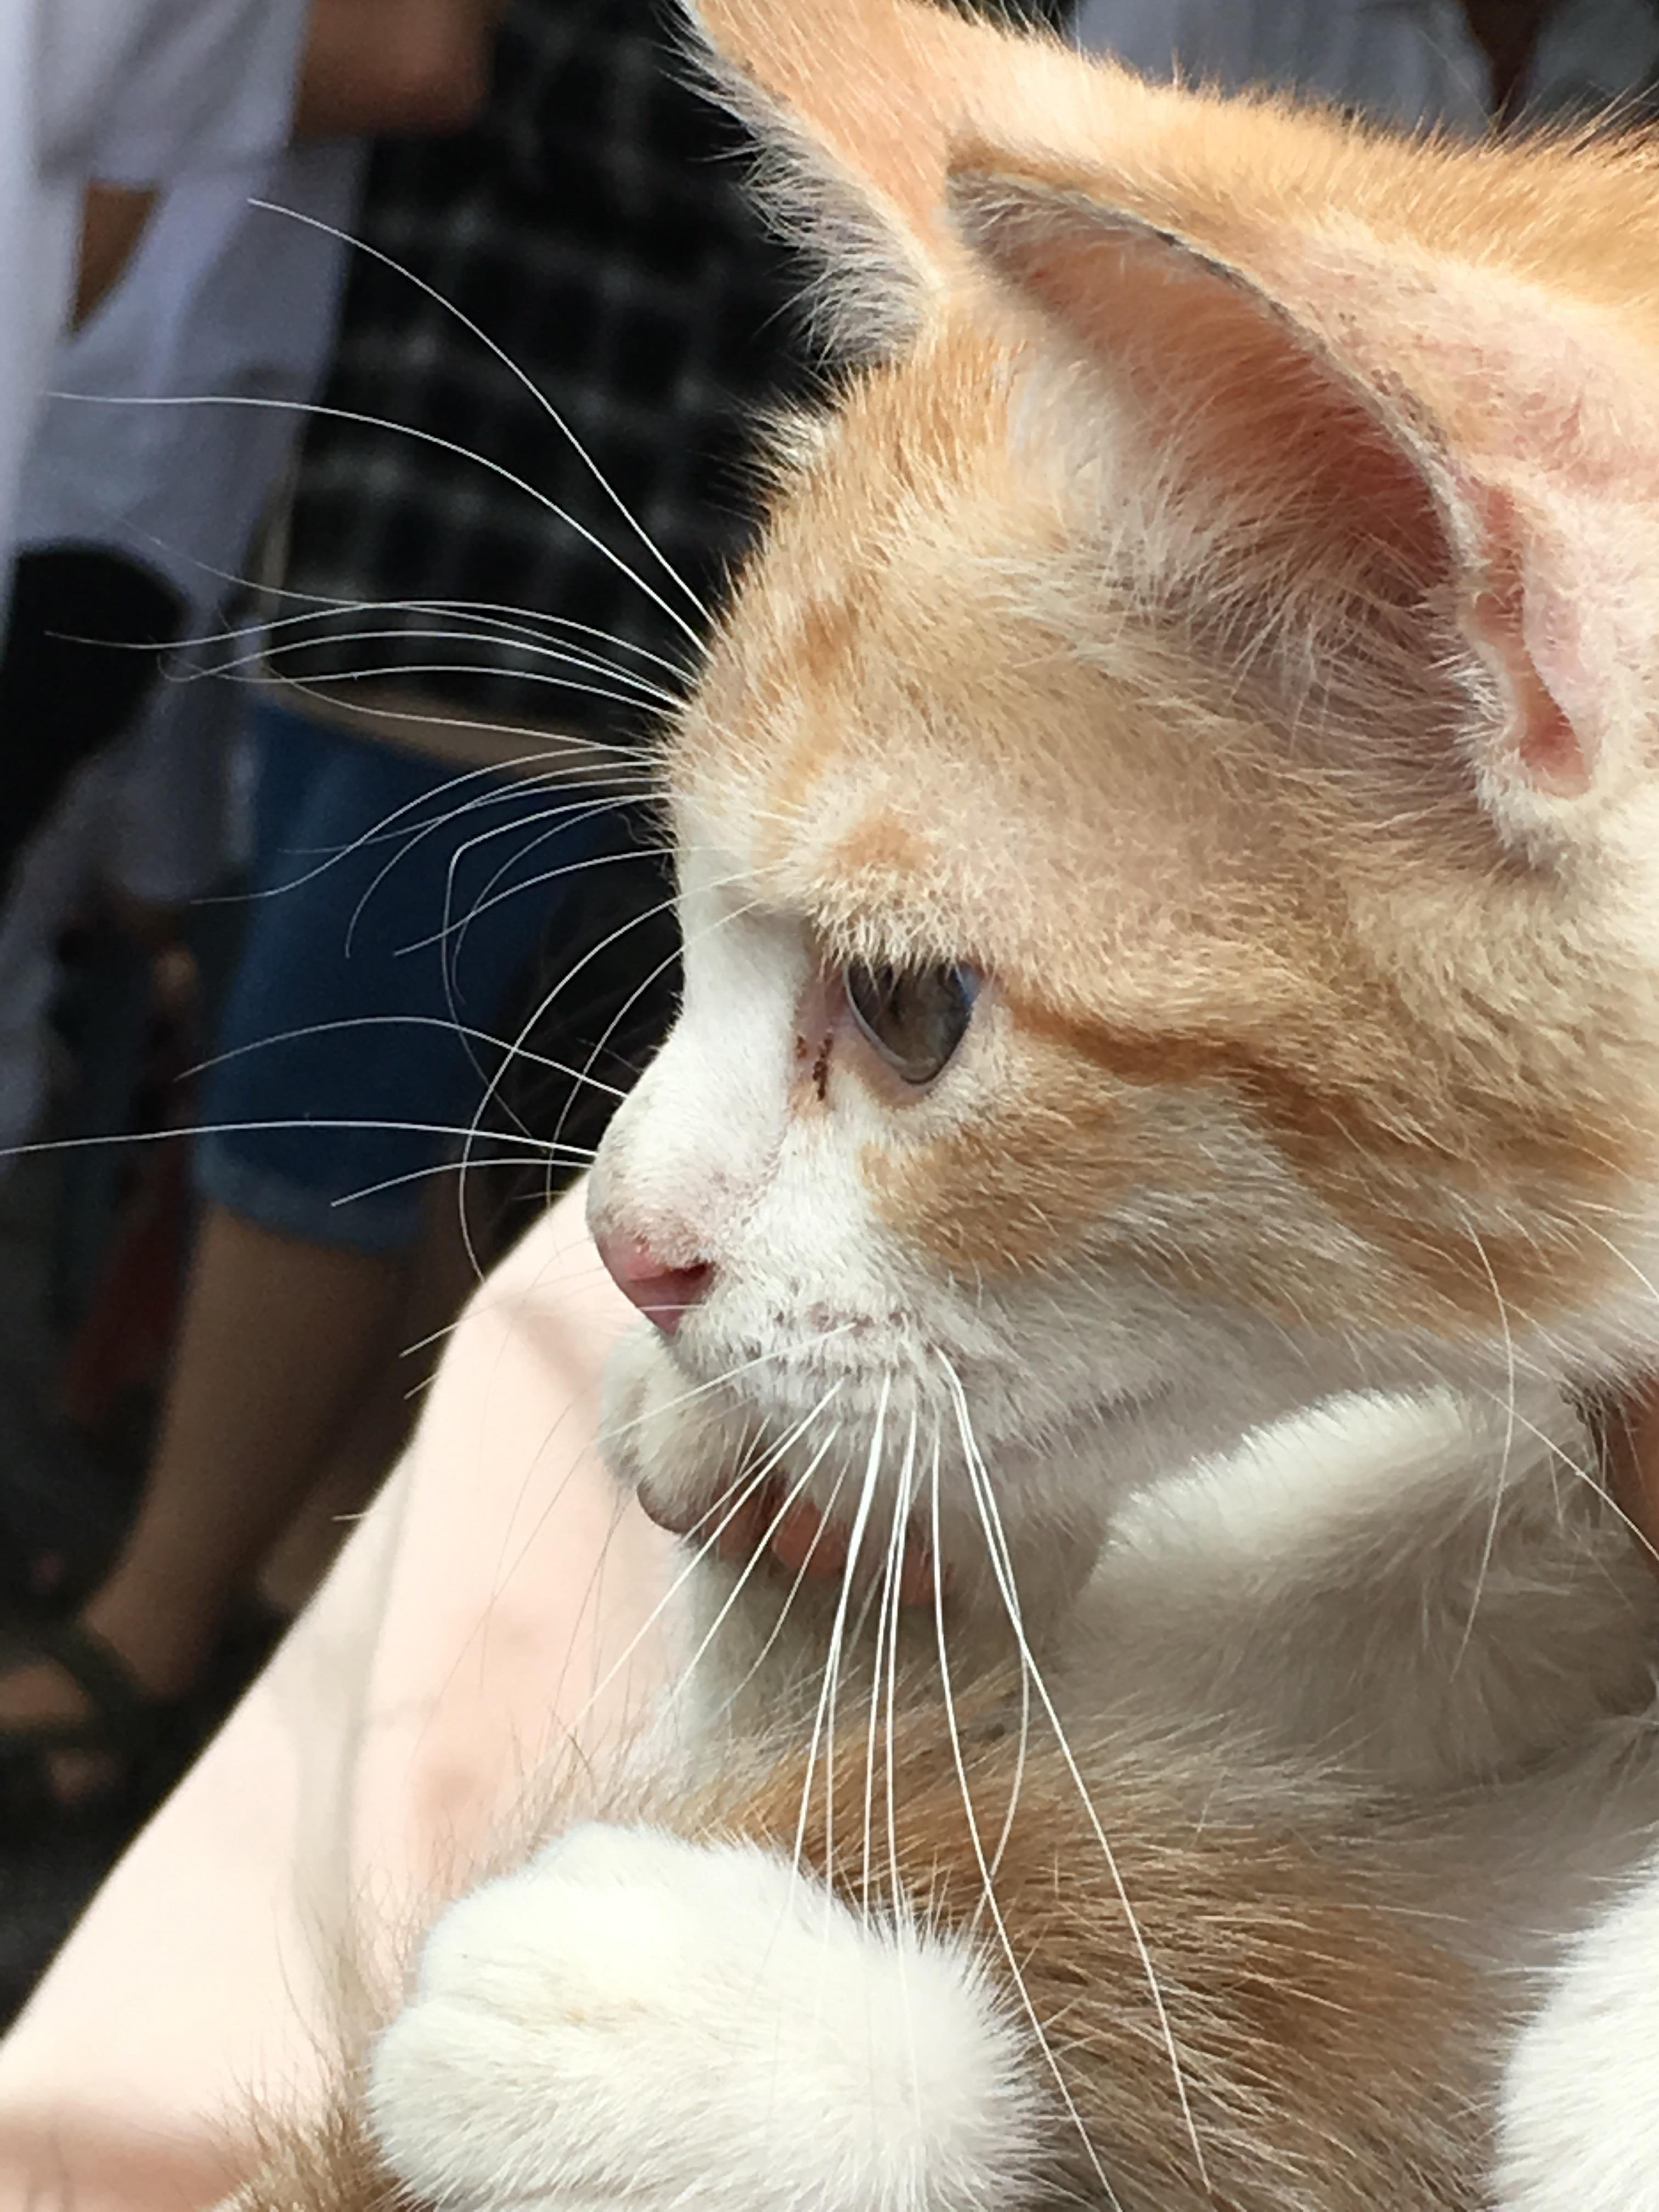 A very very cute kitten near my school 1010 would pet